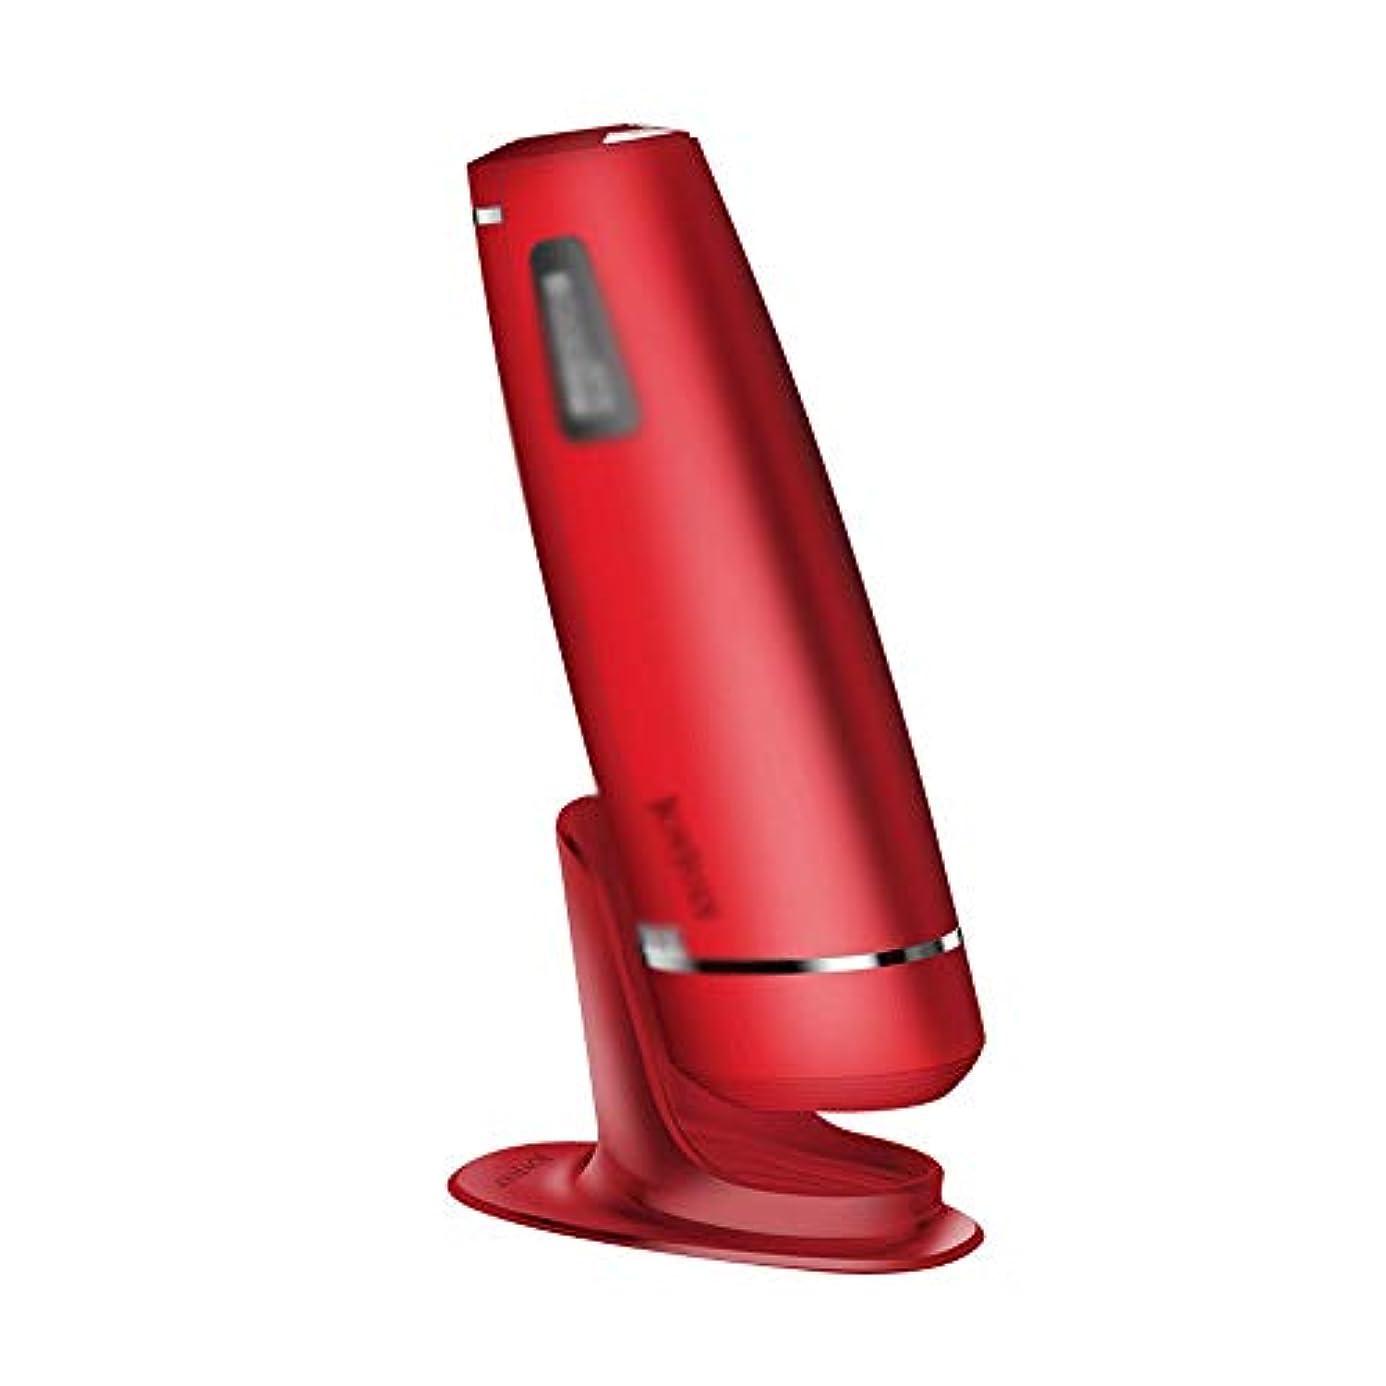 スロベニア信じる繁殖XUEYAQI- 電気アイスポイント脱毛器具、家庭用レーザー脱毛アーティファクト、男性と女性の外部脱毛器、痛みのない顔用脱毛器(白) (Color : Red)